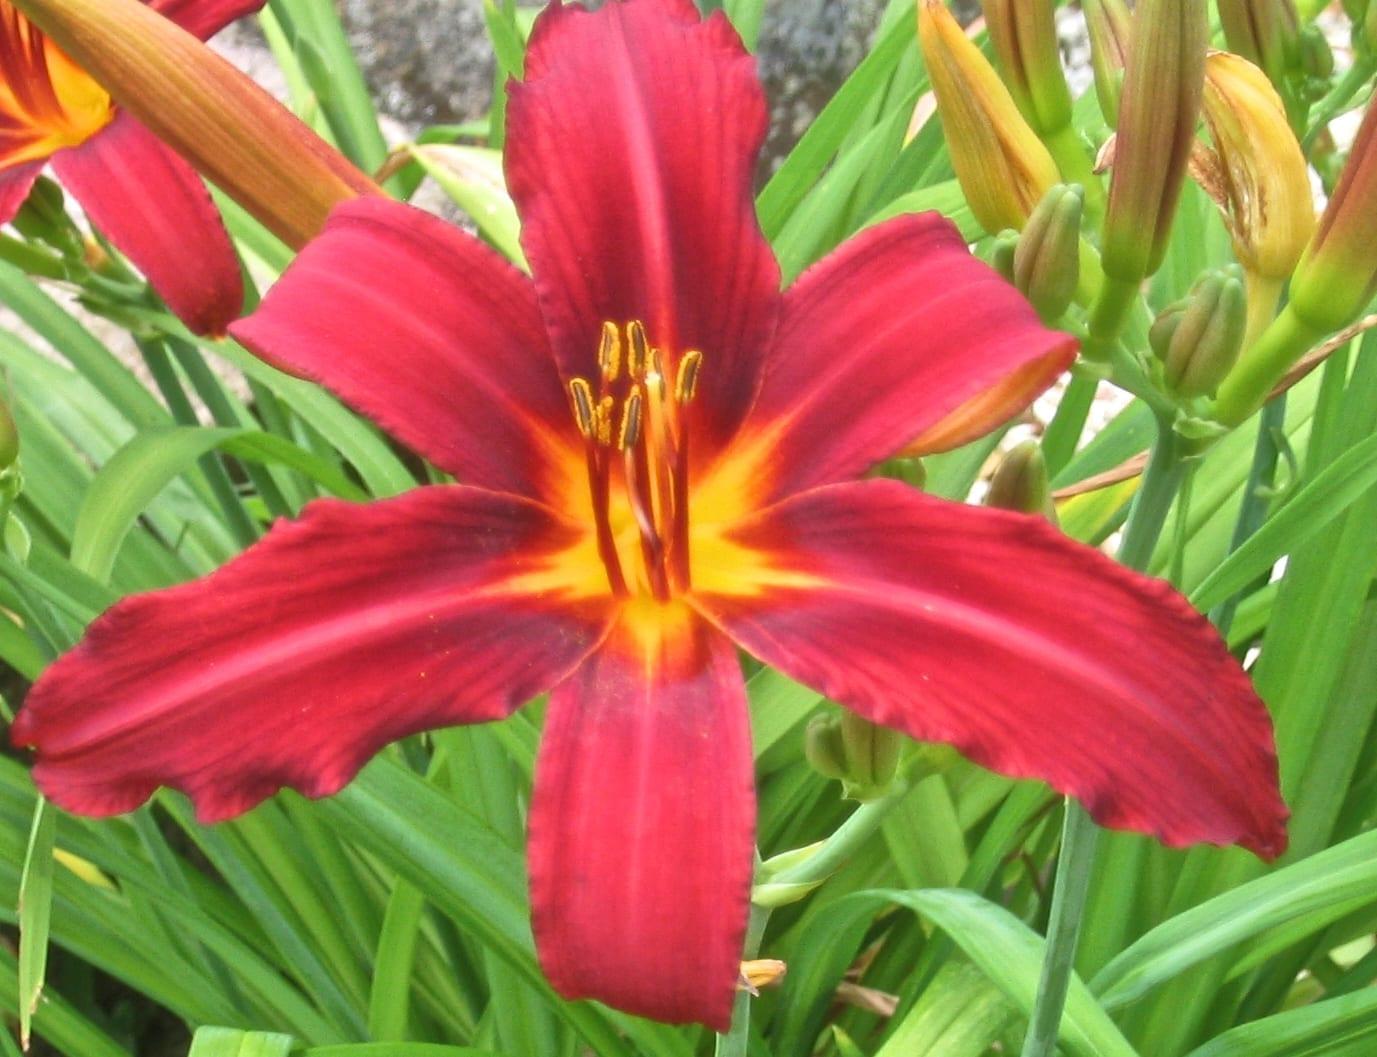 Hemerocallis Day Lily